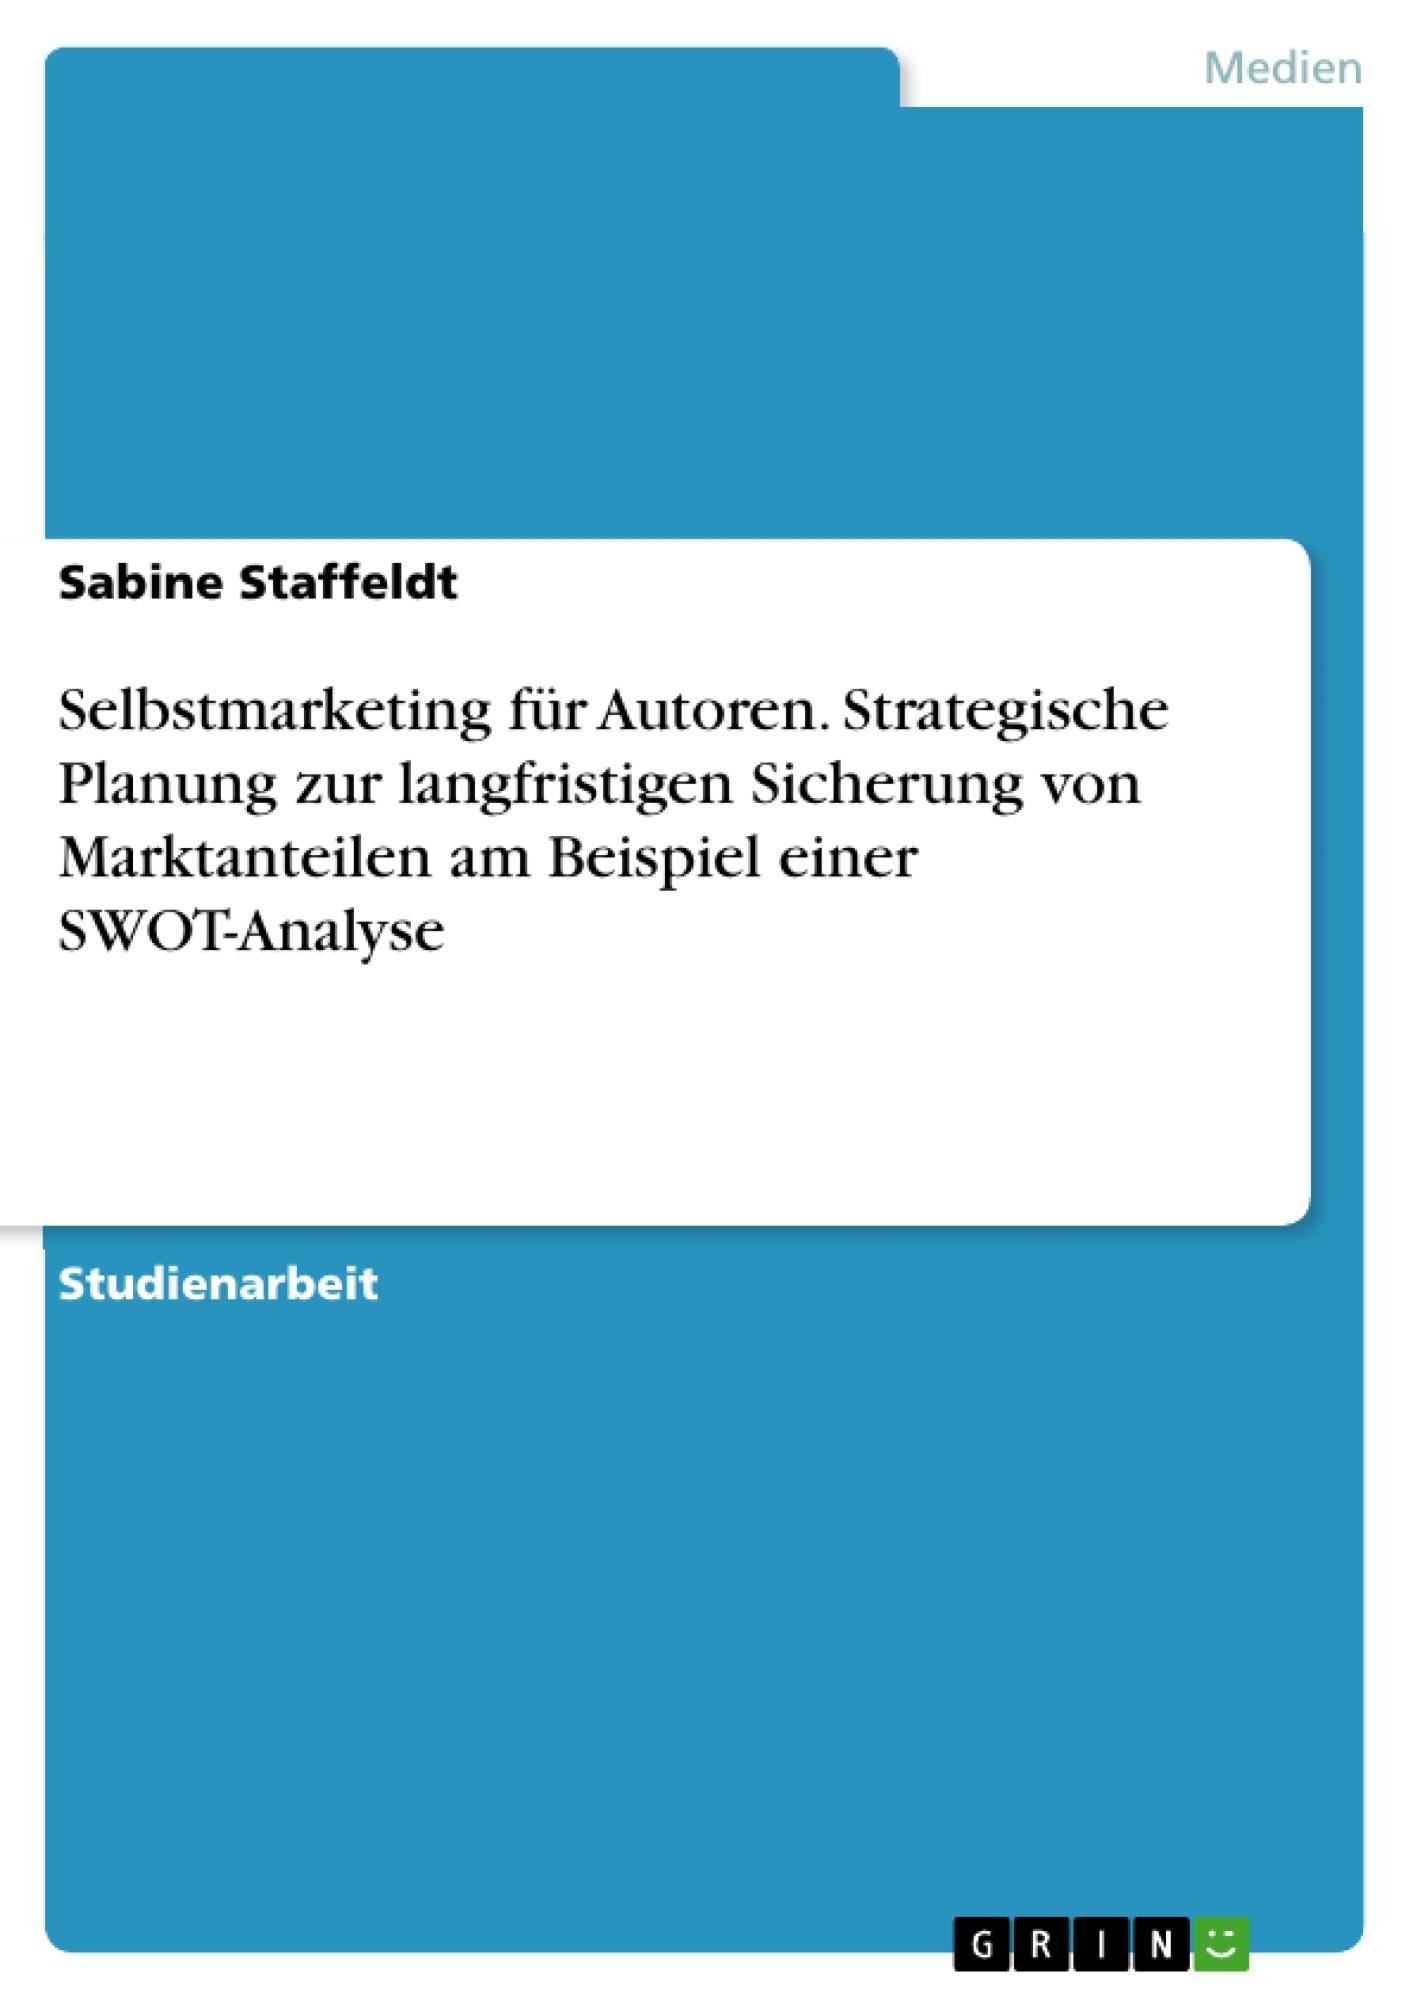 Titel: Selbstmarketing für Autoren. Strategische Planung zur langfristigen Sicherung von Marktanteilen am Beispiel einer SWOT-Analyse